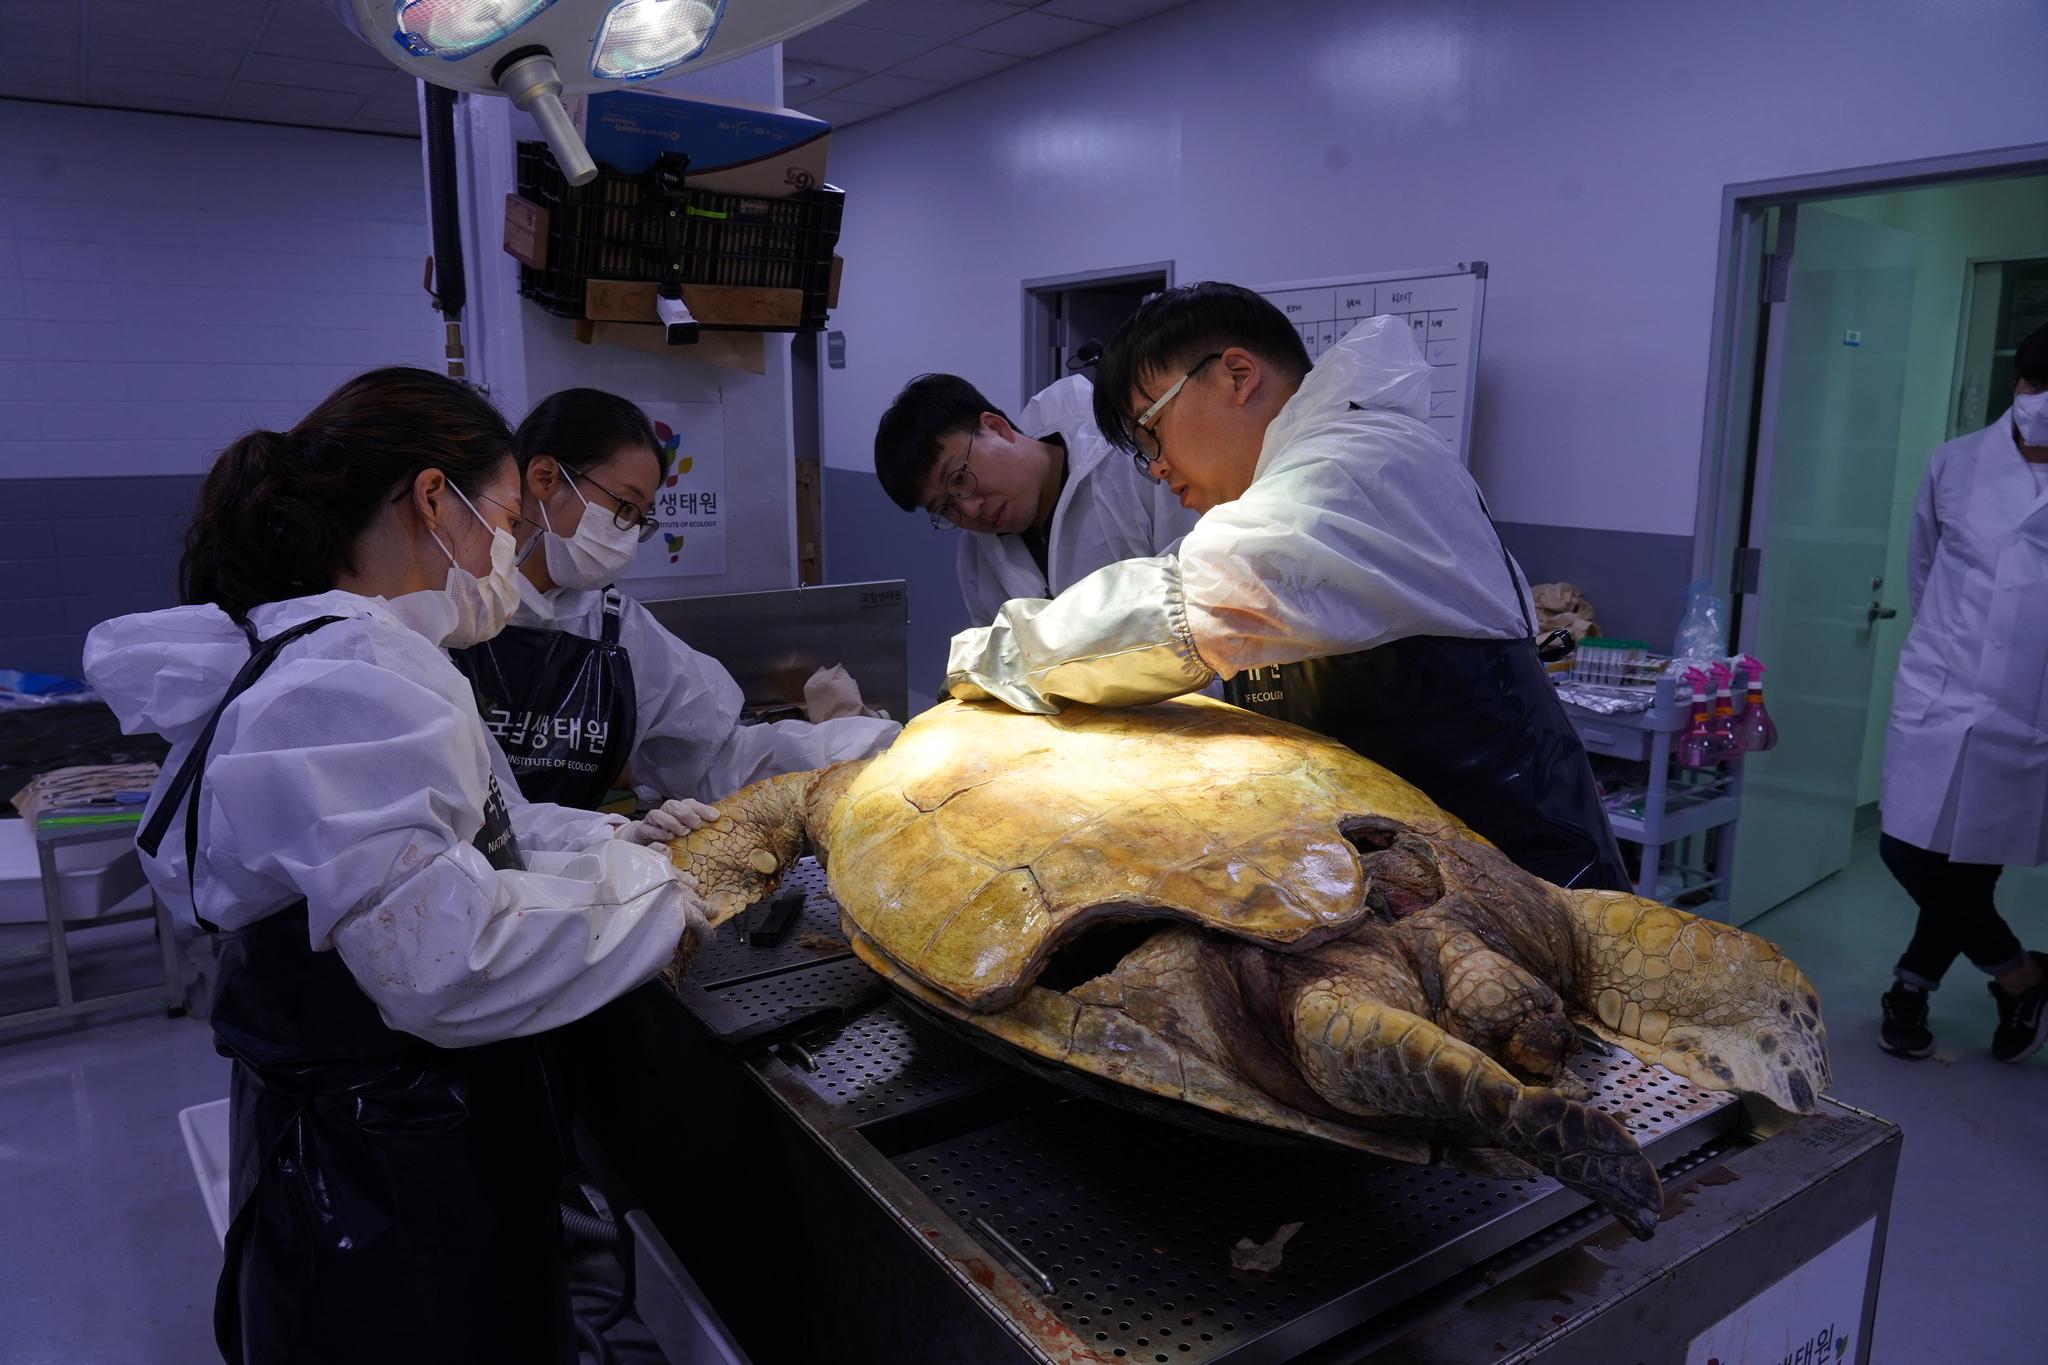 국립생태원 연구진들이 부검실에서 폐사체로 발견된 바다거북을 부검하고 있다. 천권필 기자